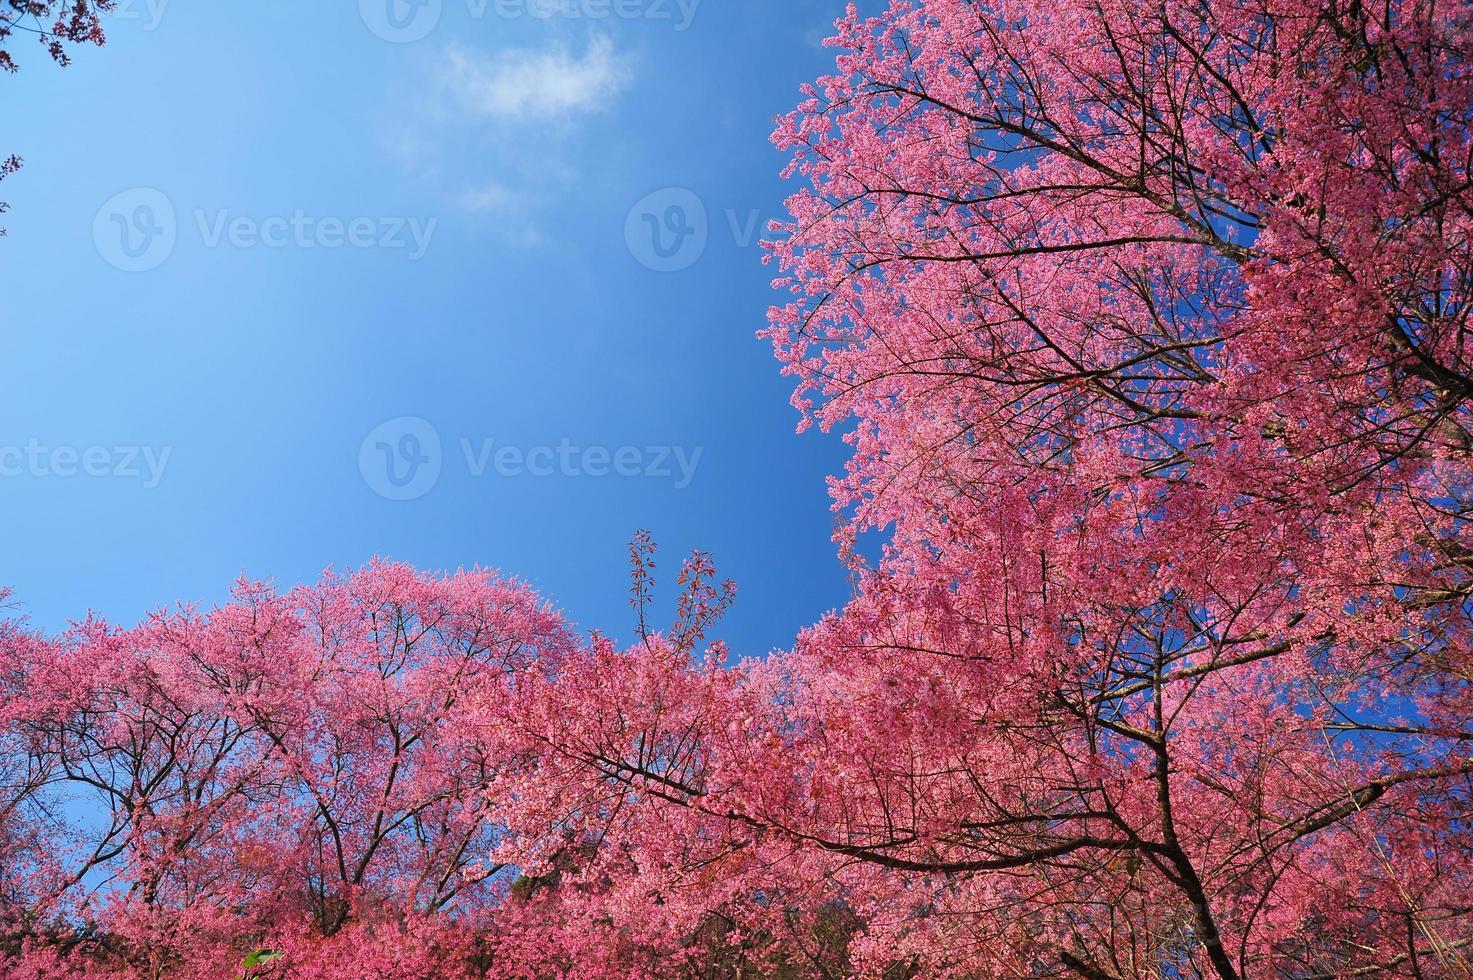 hervorragende rosa Kirschblüten mit blauem Himmel Hintergrund foto